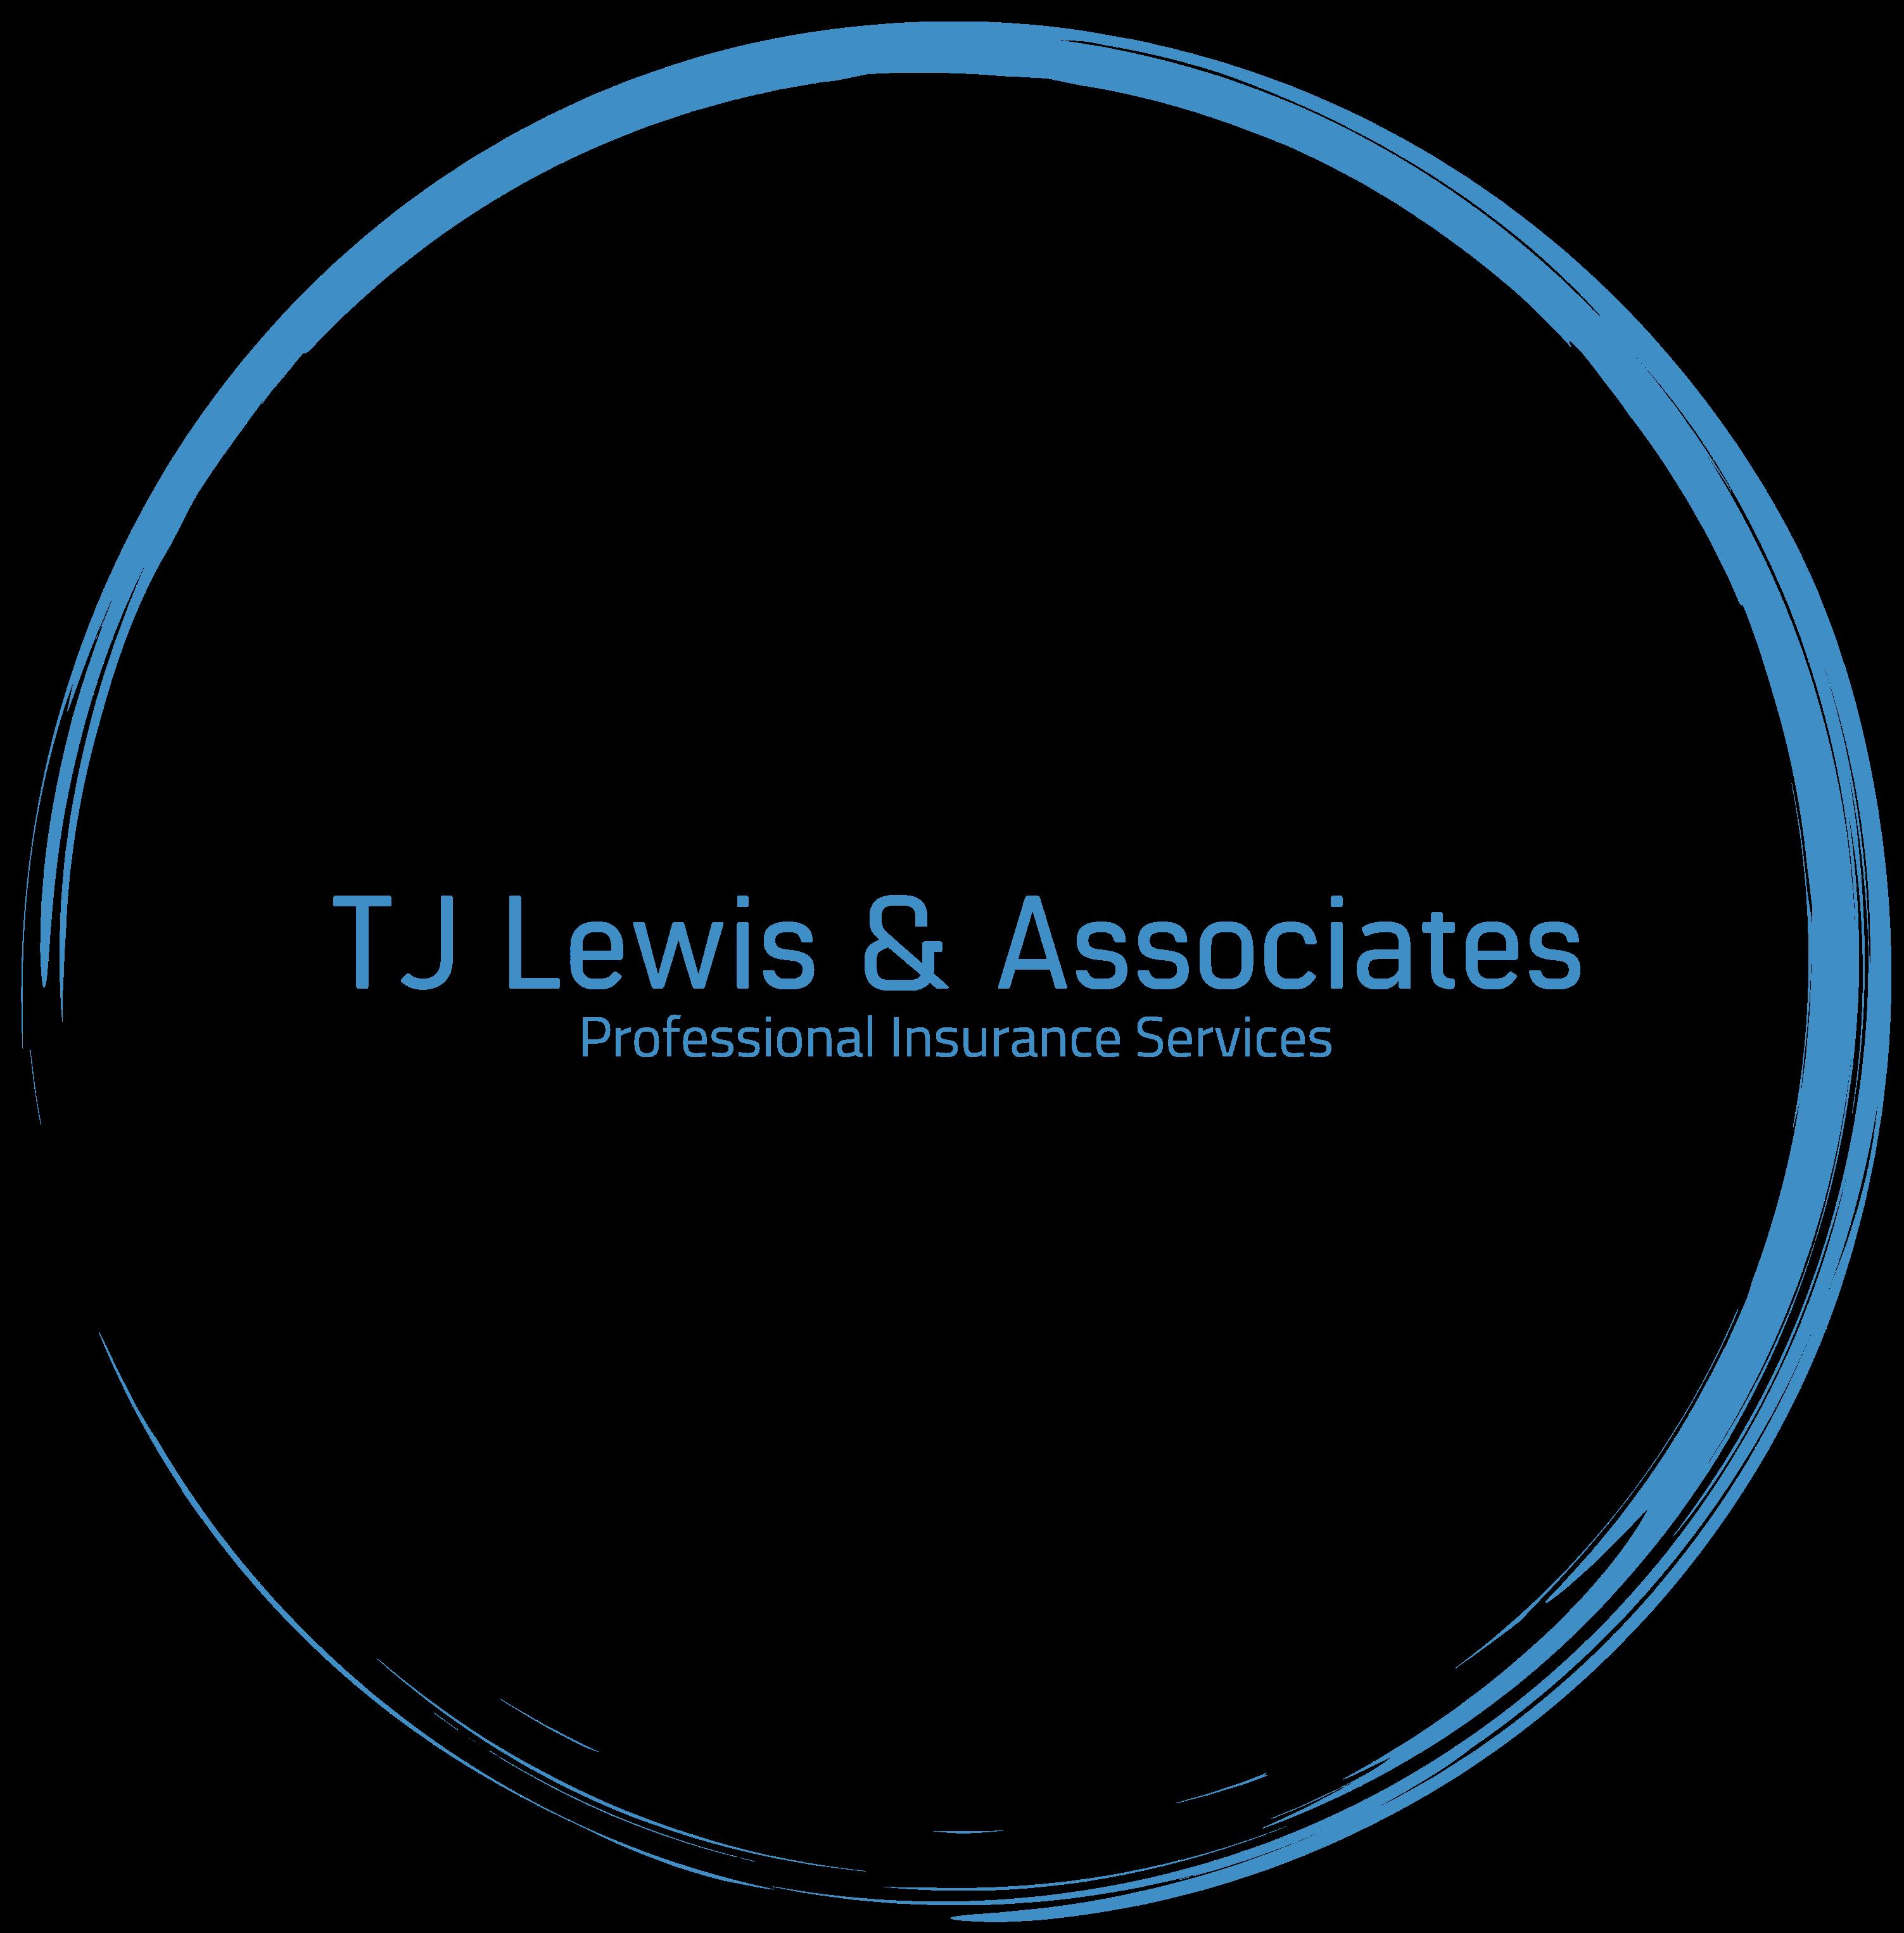 T. J. Lewis & Associates, Inc.